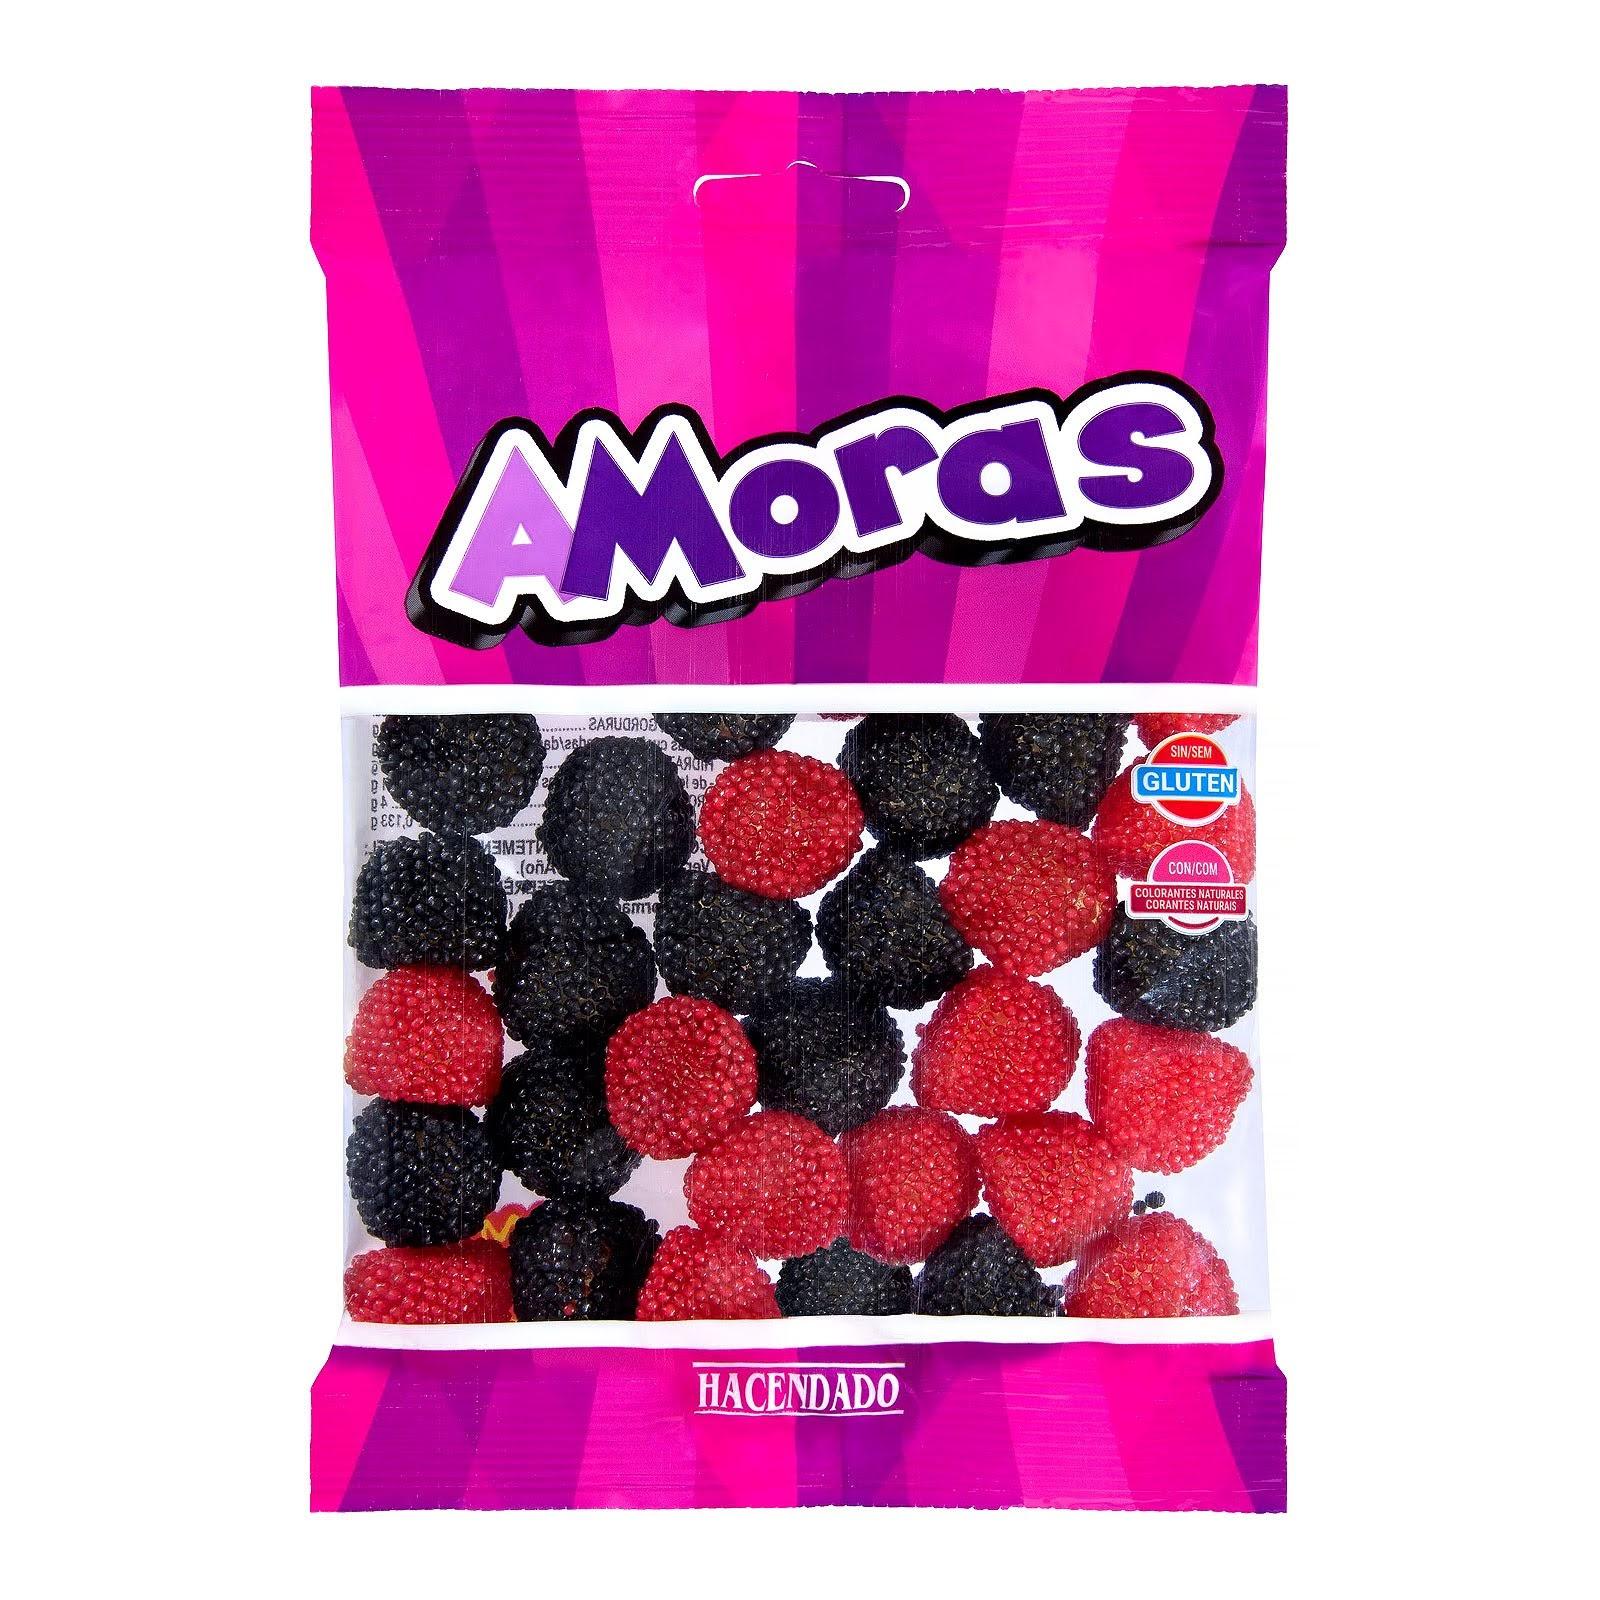 Golosinas negras y rojas con bolitas de azúcar Moras Hacendado